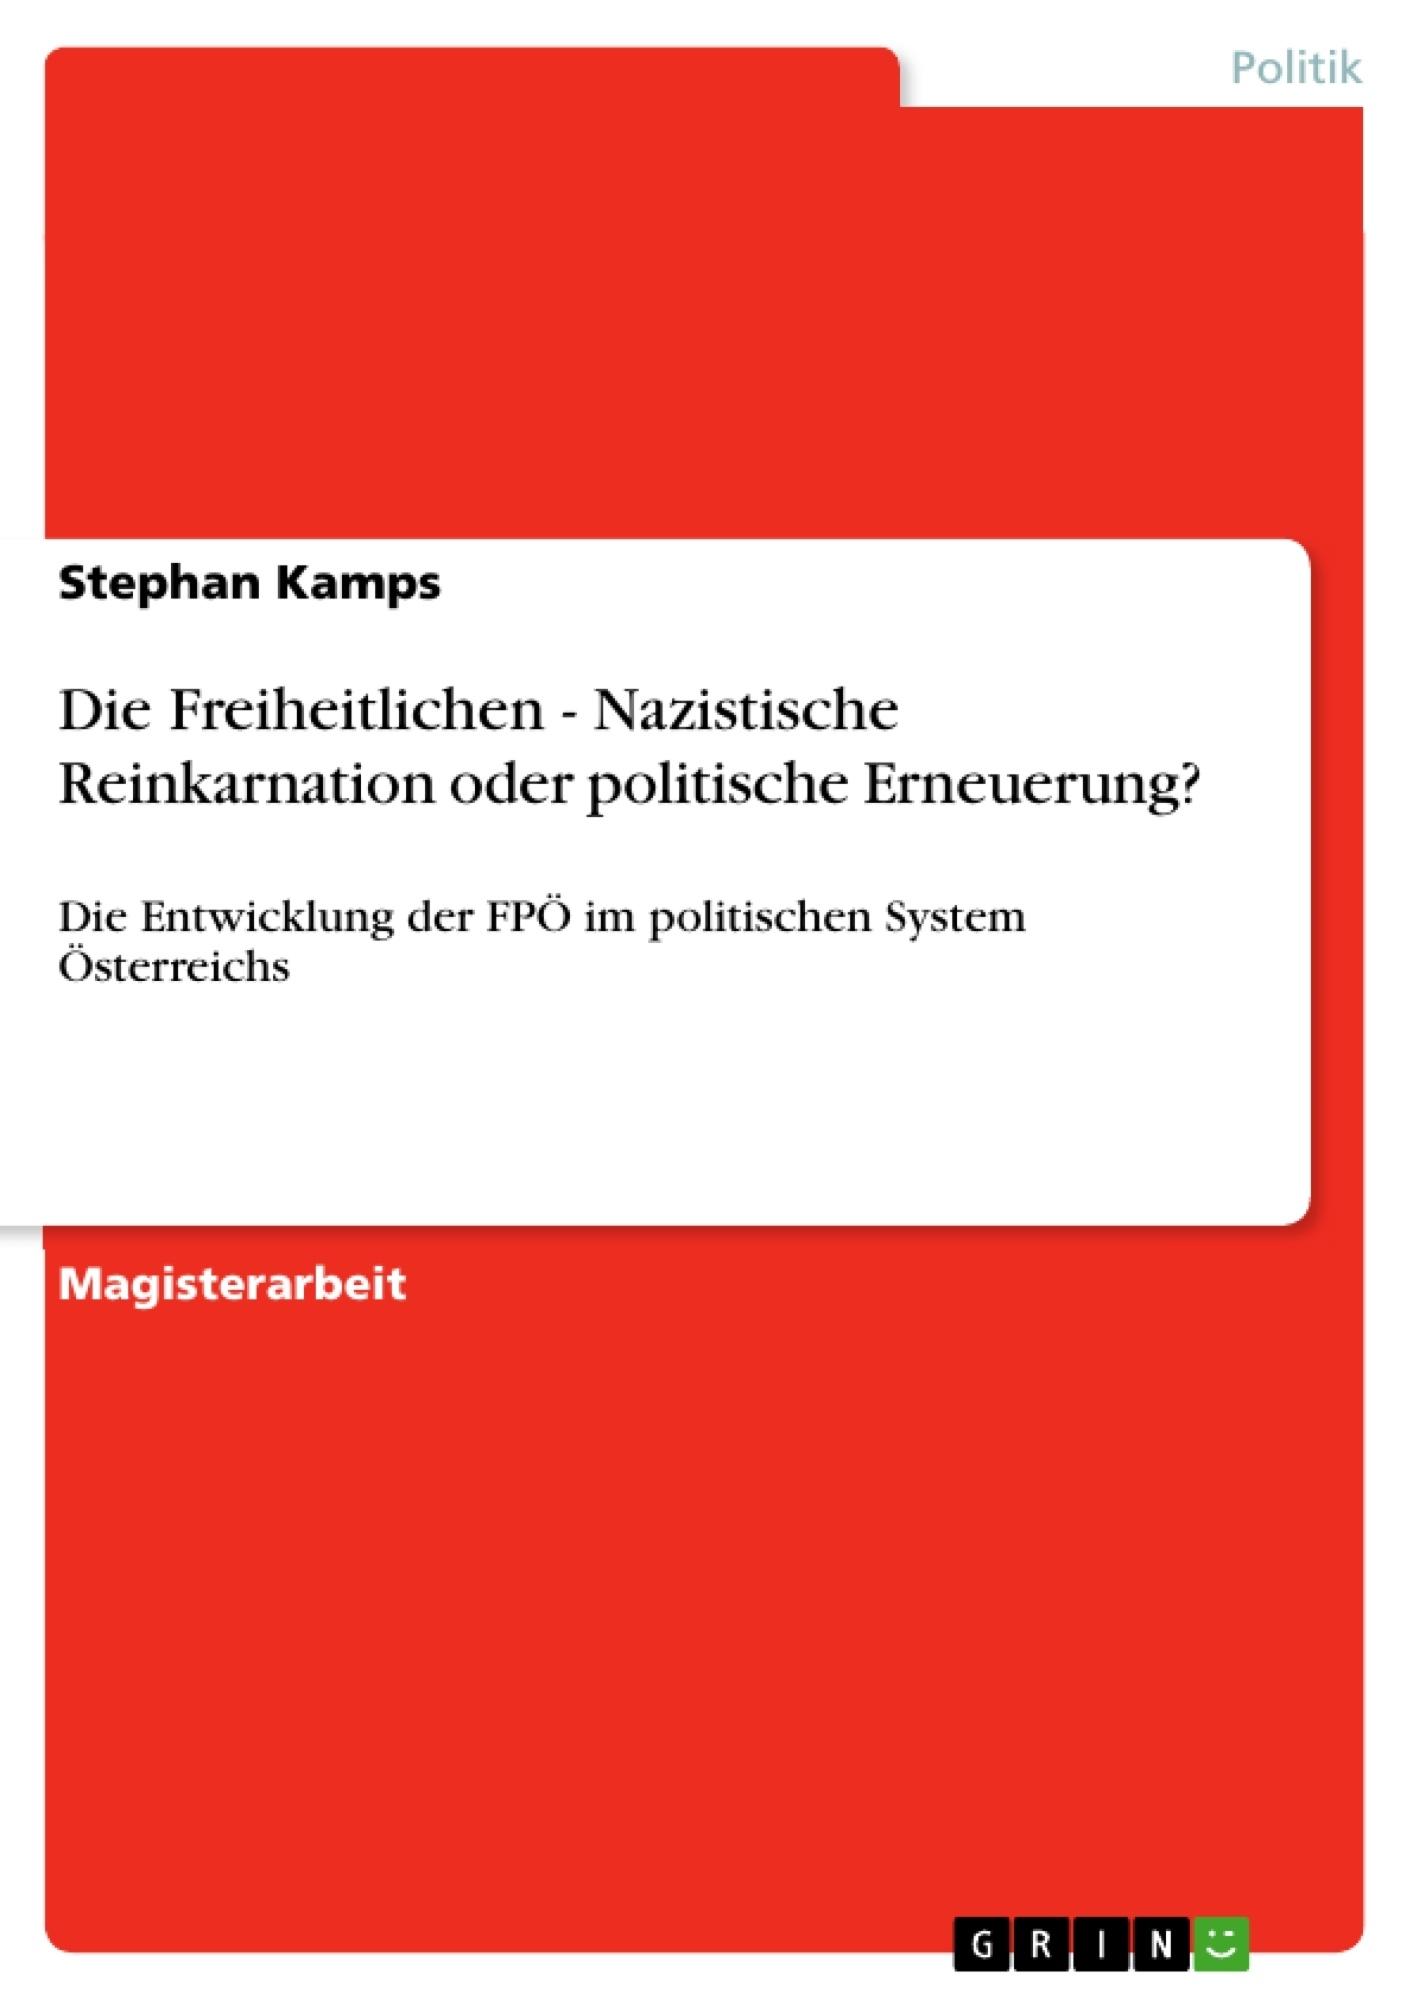 Titel: Die Freiheitlichen - Nazistische Reinkarnation oder politische Erneuerung?